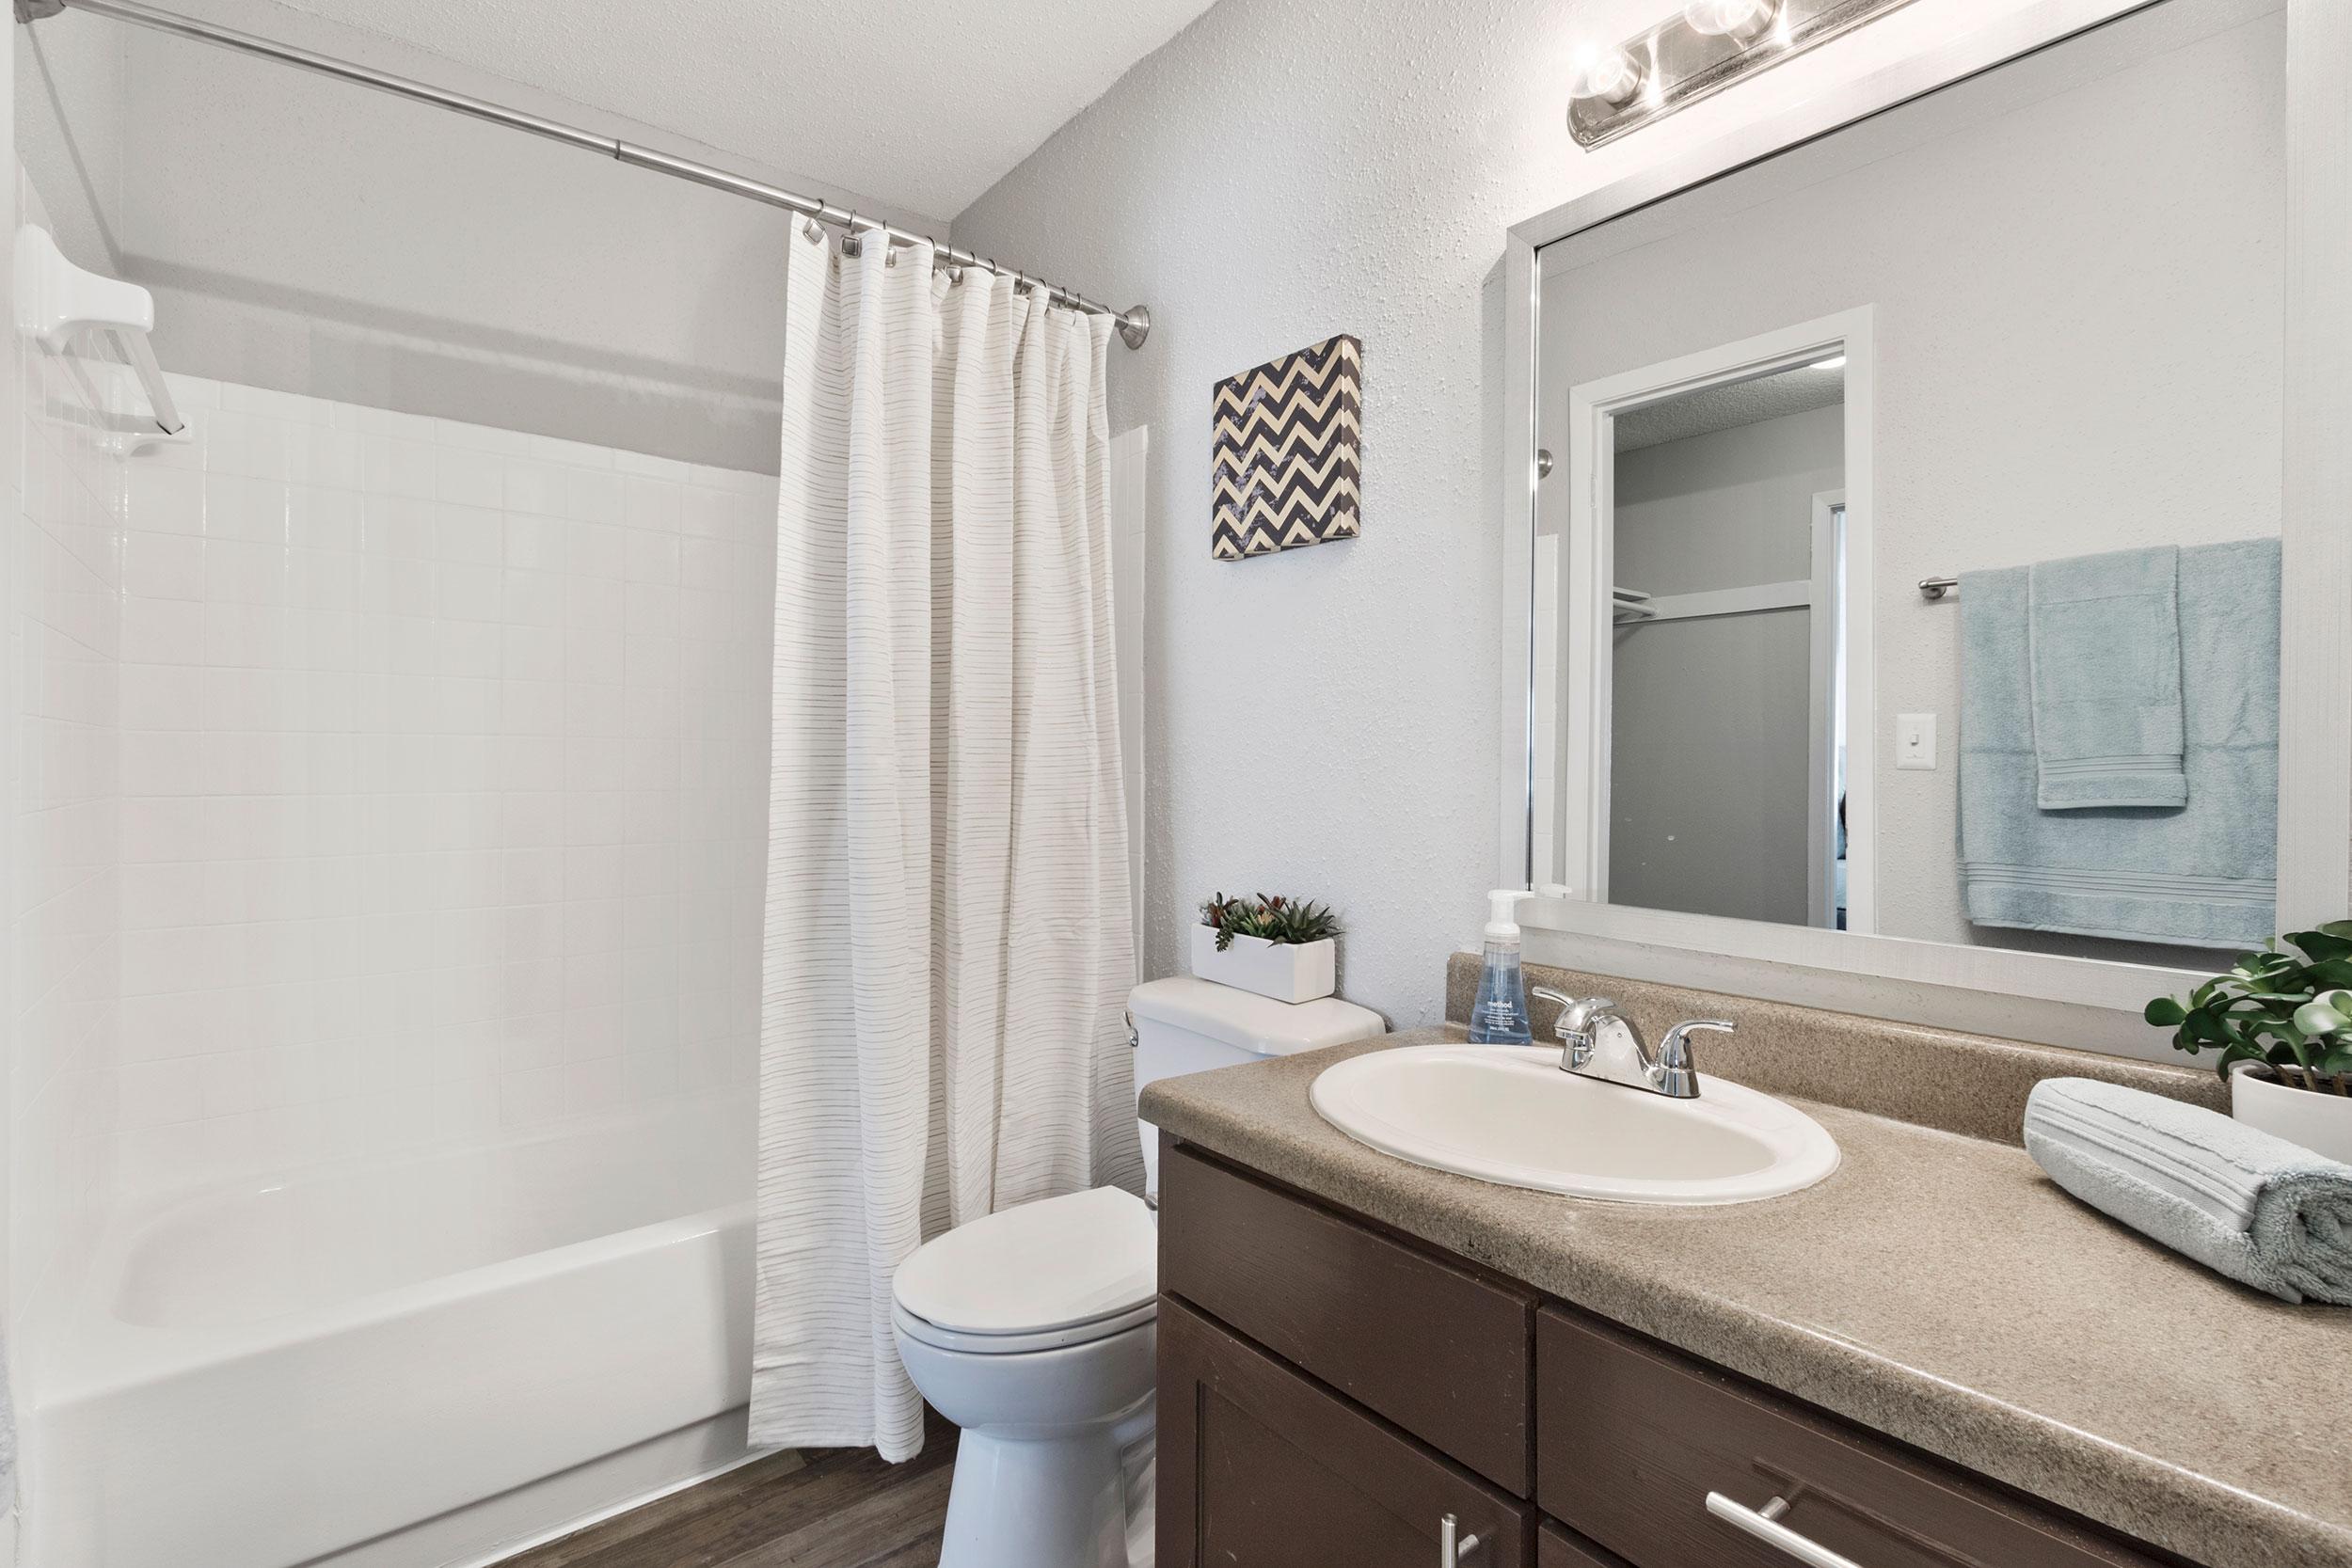 Ab-bathroom